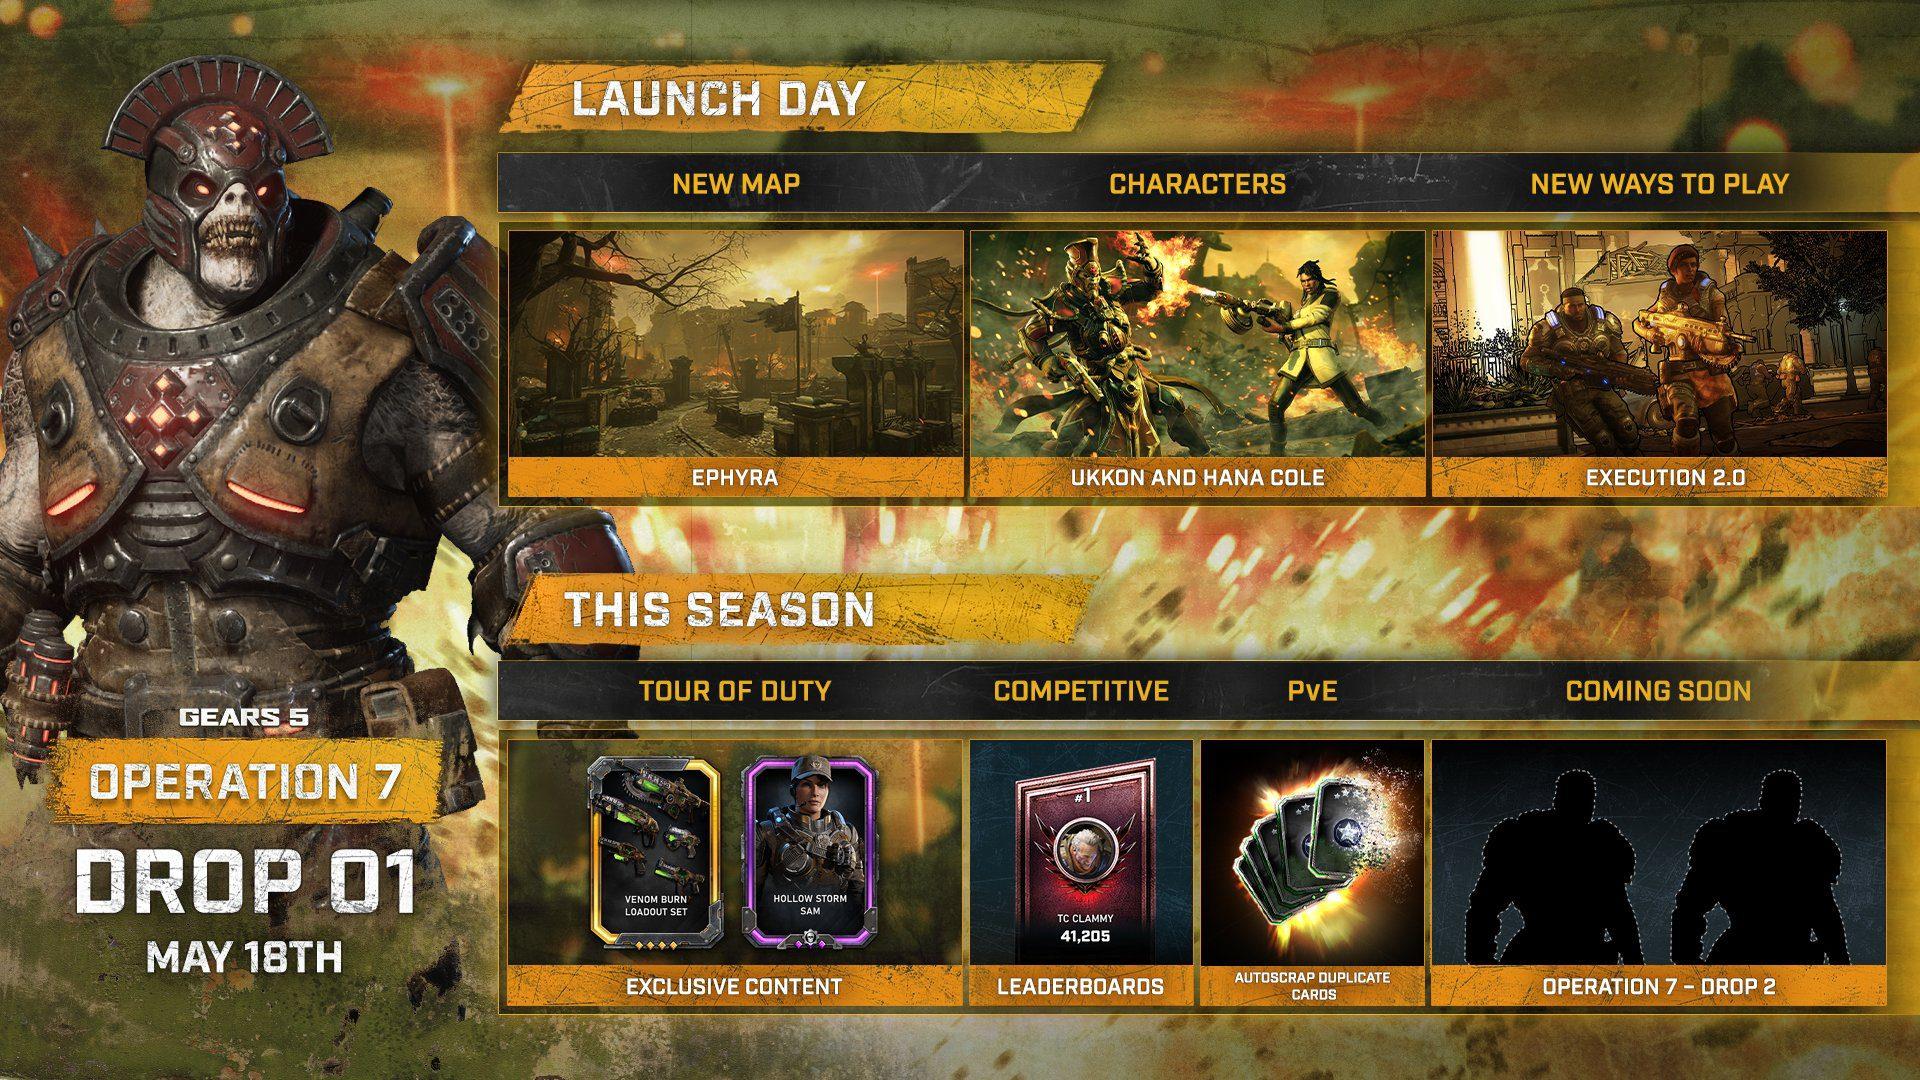 """The Coalition muestra más detalles sobre la """"Operación 7"""" de Gears 5 - The Coalition ha mostrado nueva información y detalles sobre lo que llega el 18 de mayo con la """"Operación 7"""" de Gears 5."""